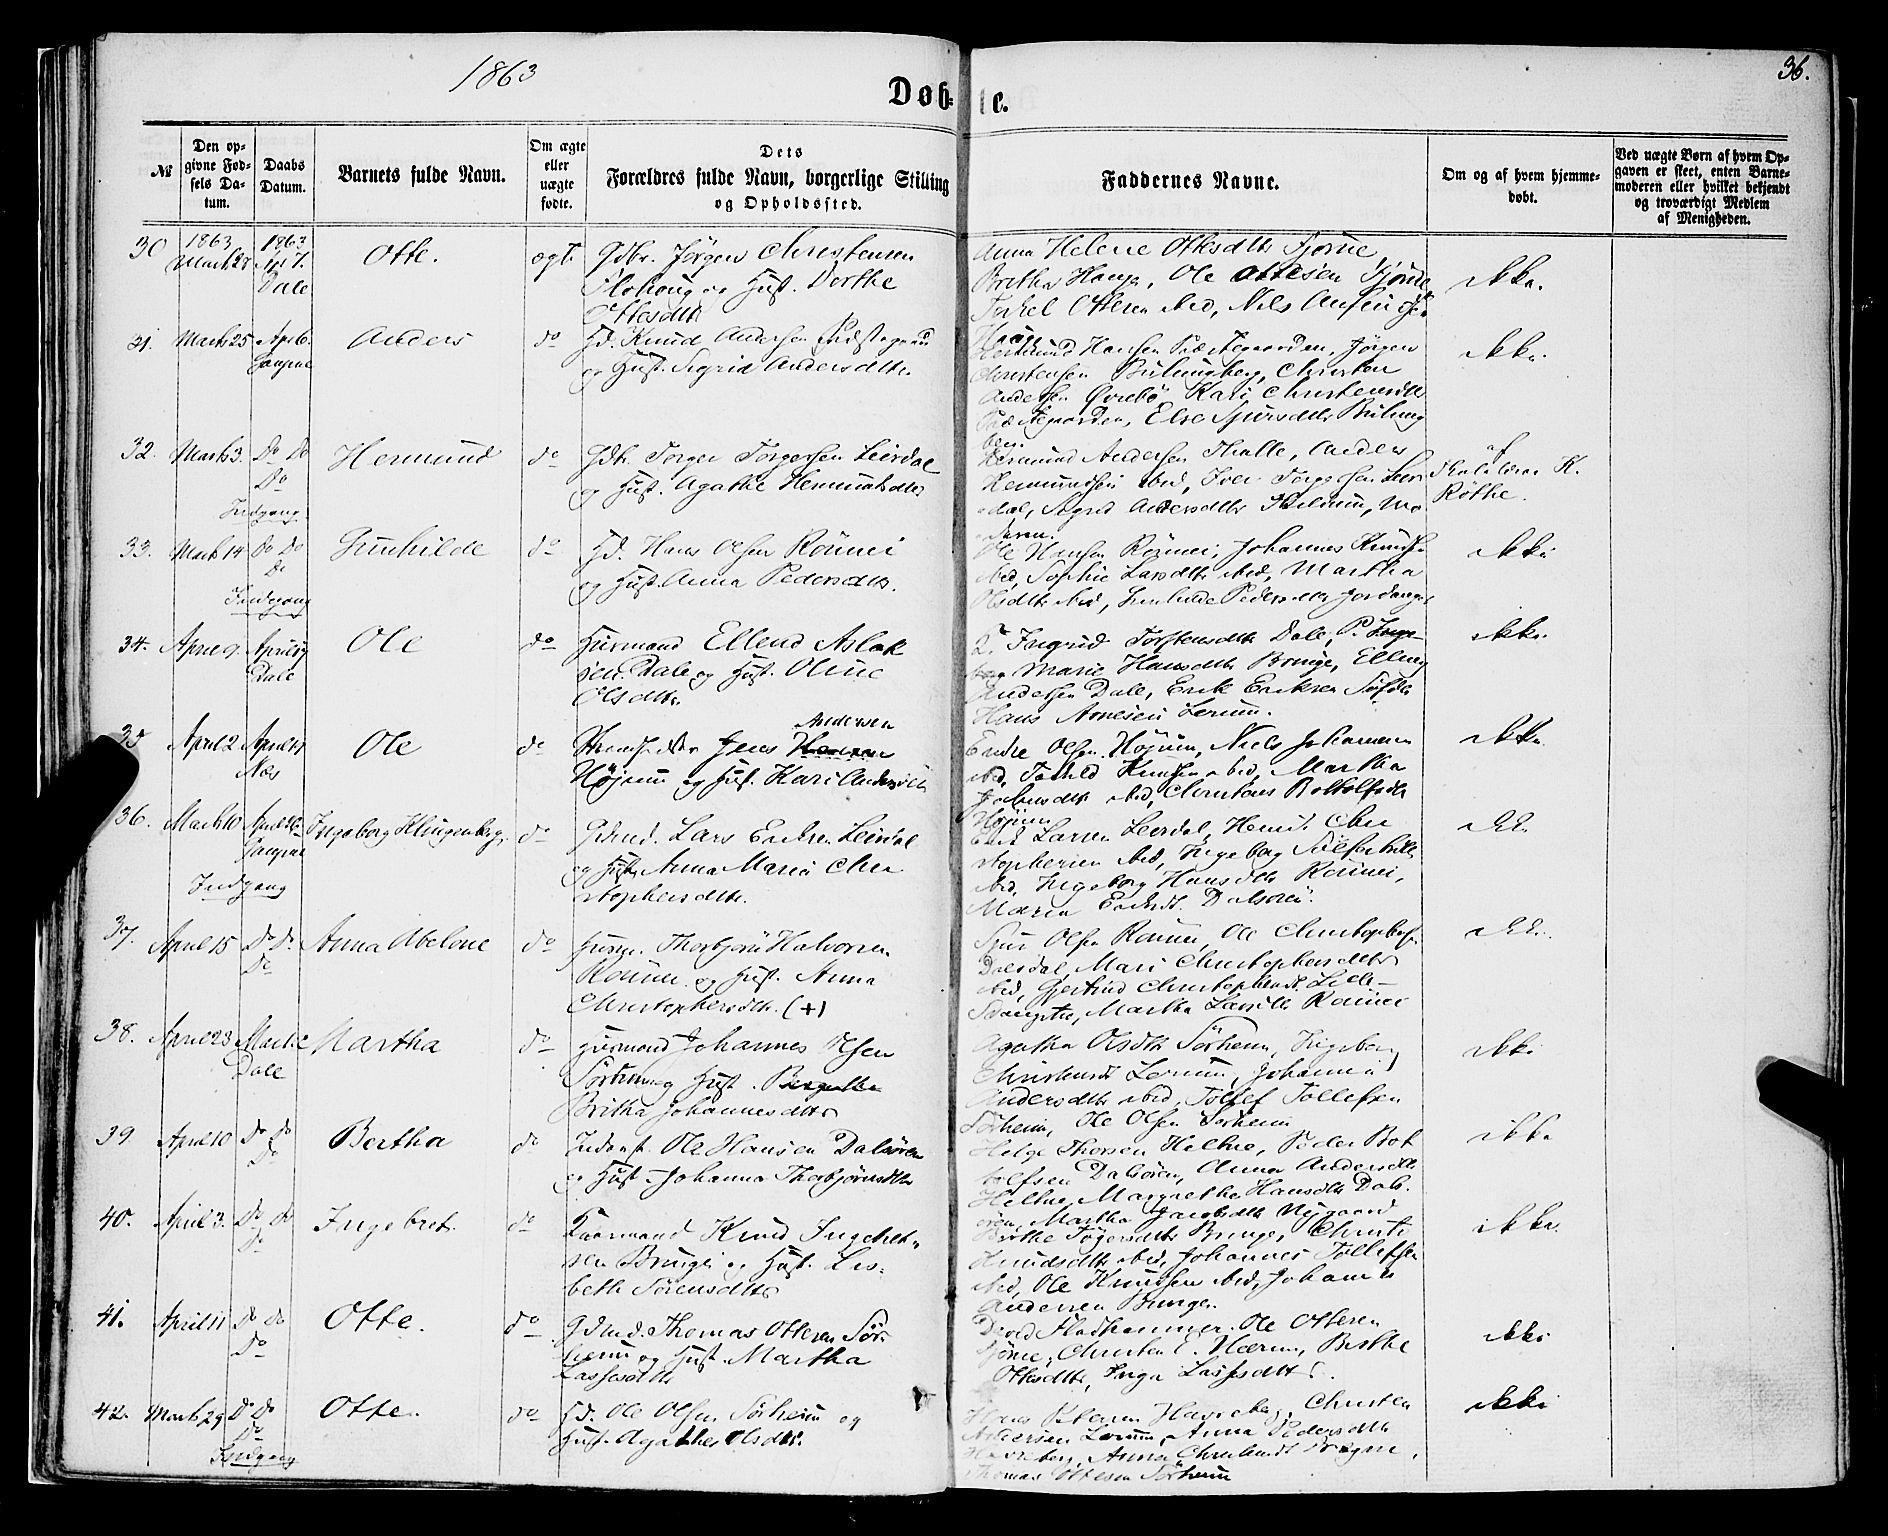 SAB, Luster Sokneprestembete, H/Haa/Haaa/L0008: Ministerialbok nr. A 8, 1860-1870, s. 36